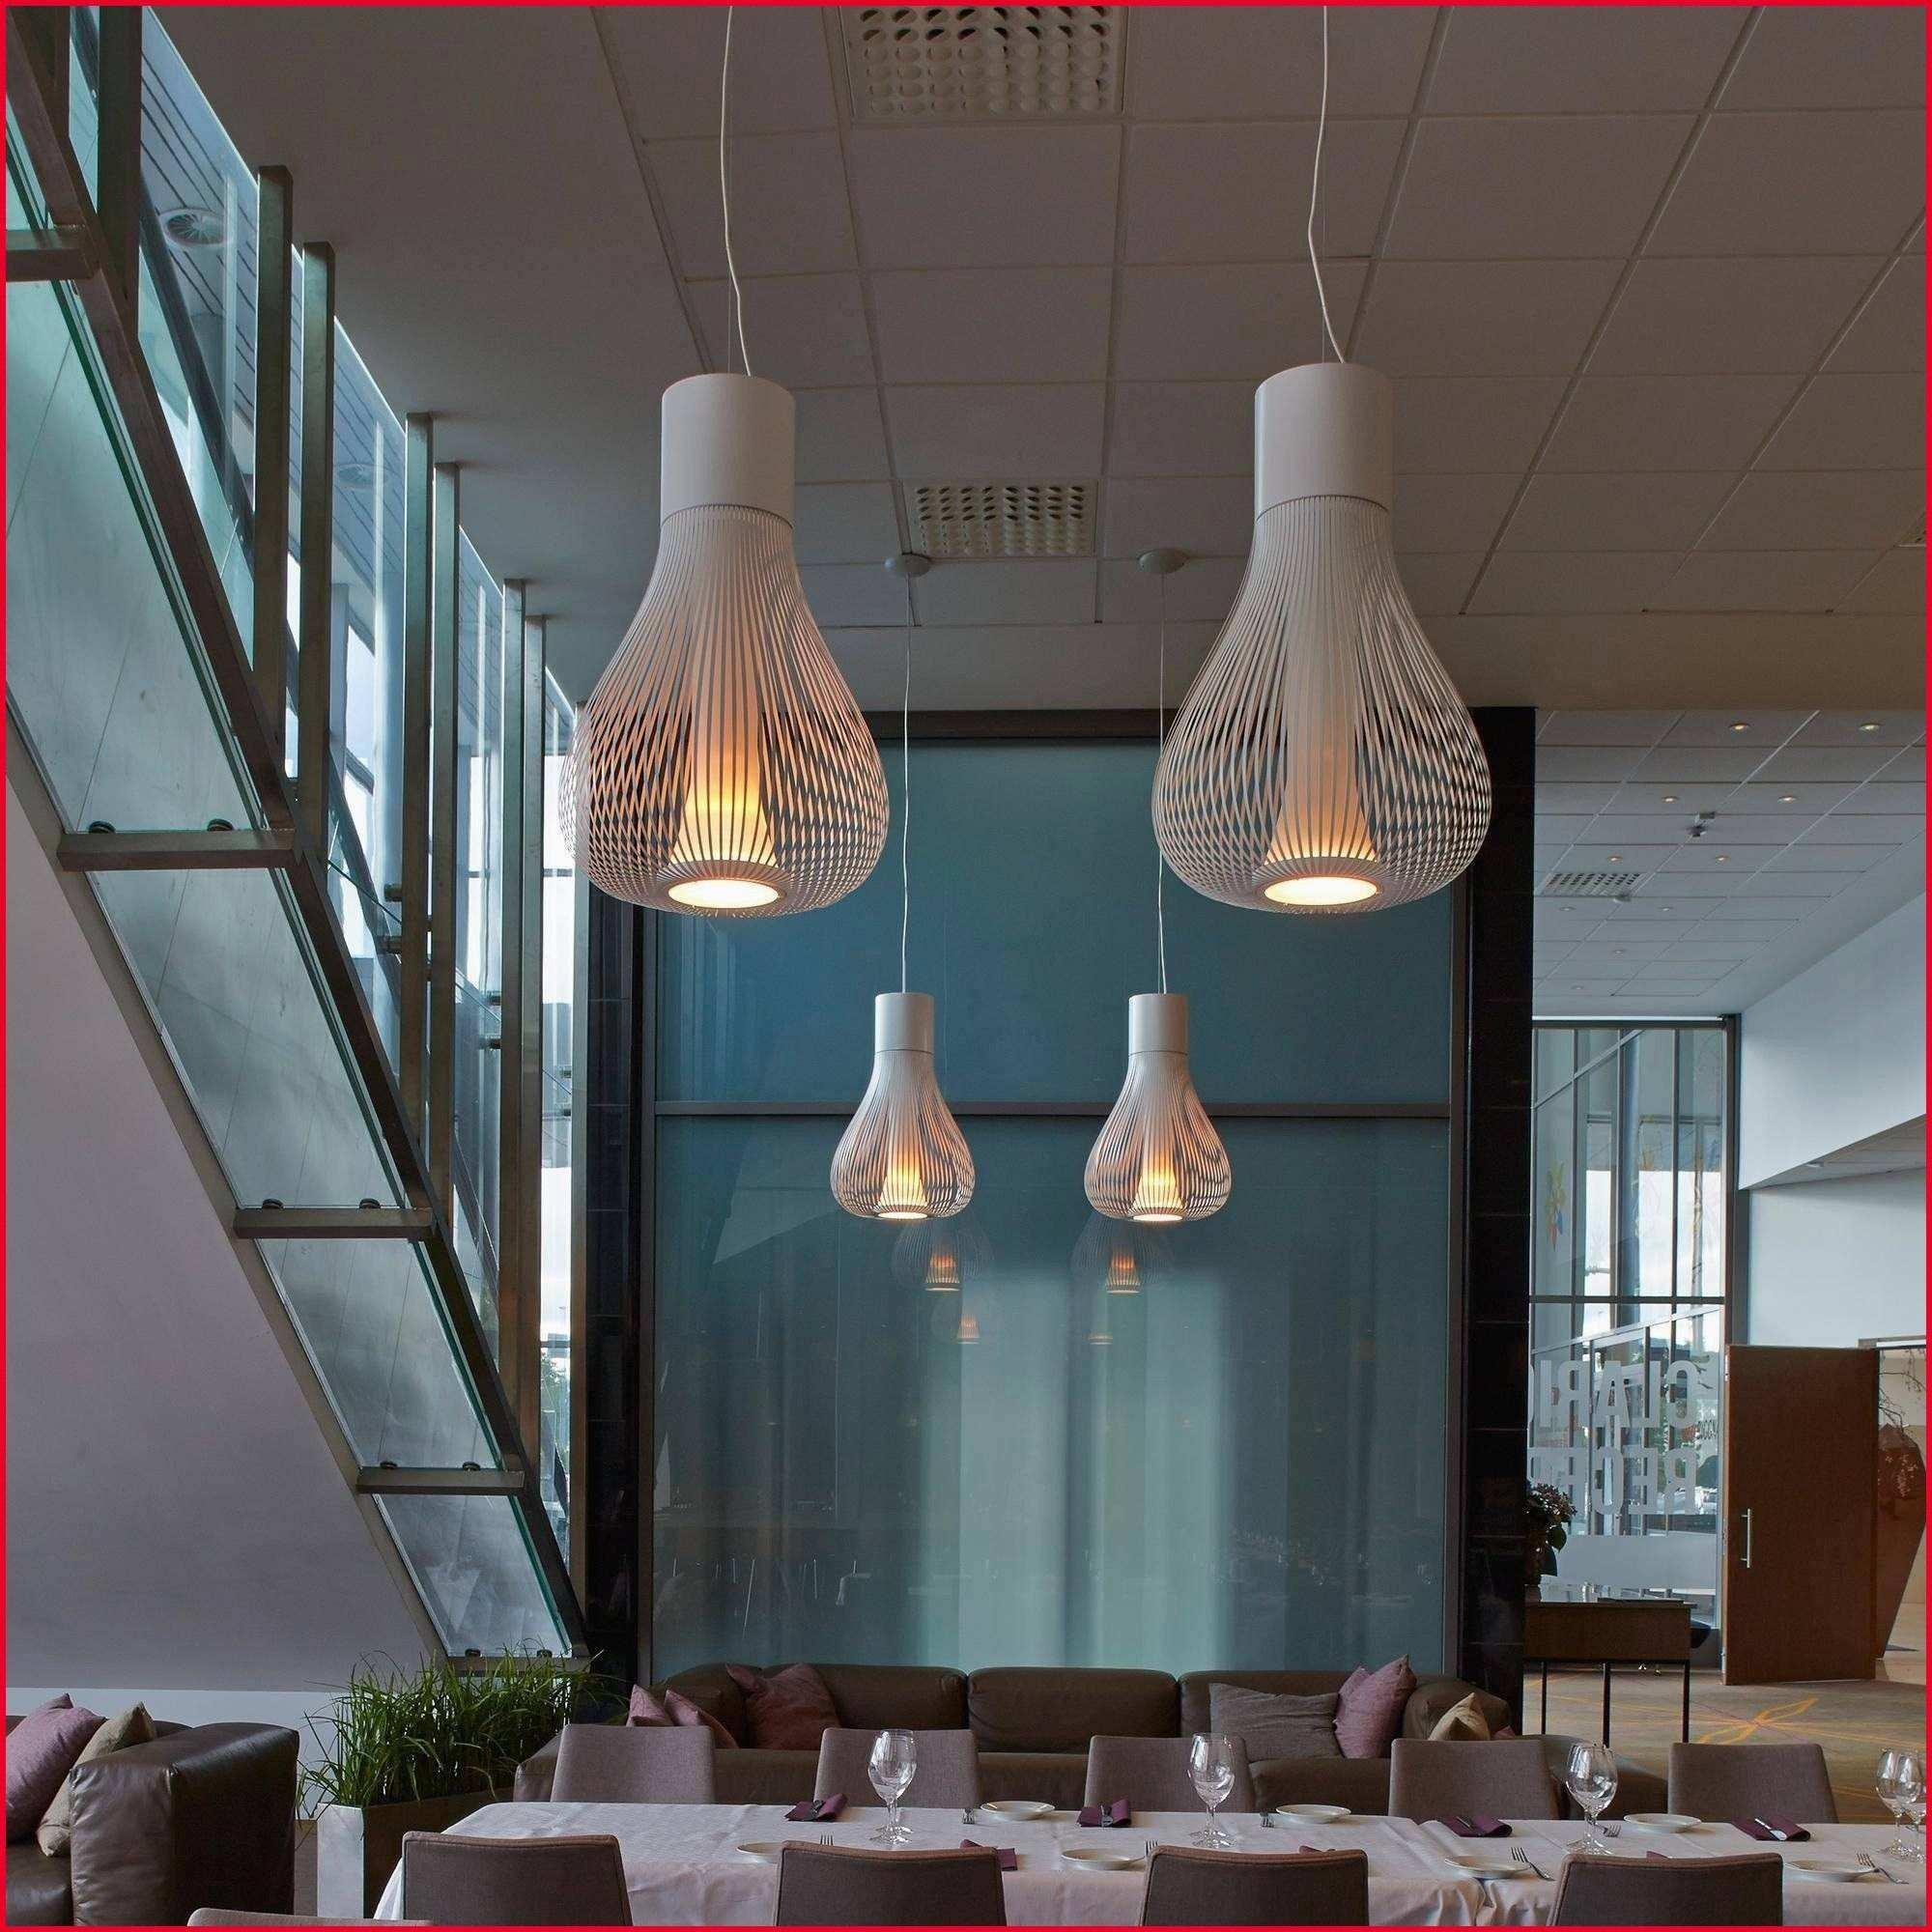 Full Size of Designer Lampen Esstisch Neu Pendelleuchten Wohnzimmer Modern Deckenlampen Bad Regale Küche Schlafzimmer Badezimmer Stehlampen Für Betten Esstische Led Wohnzimmer Designer Lampen